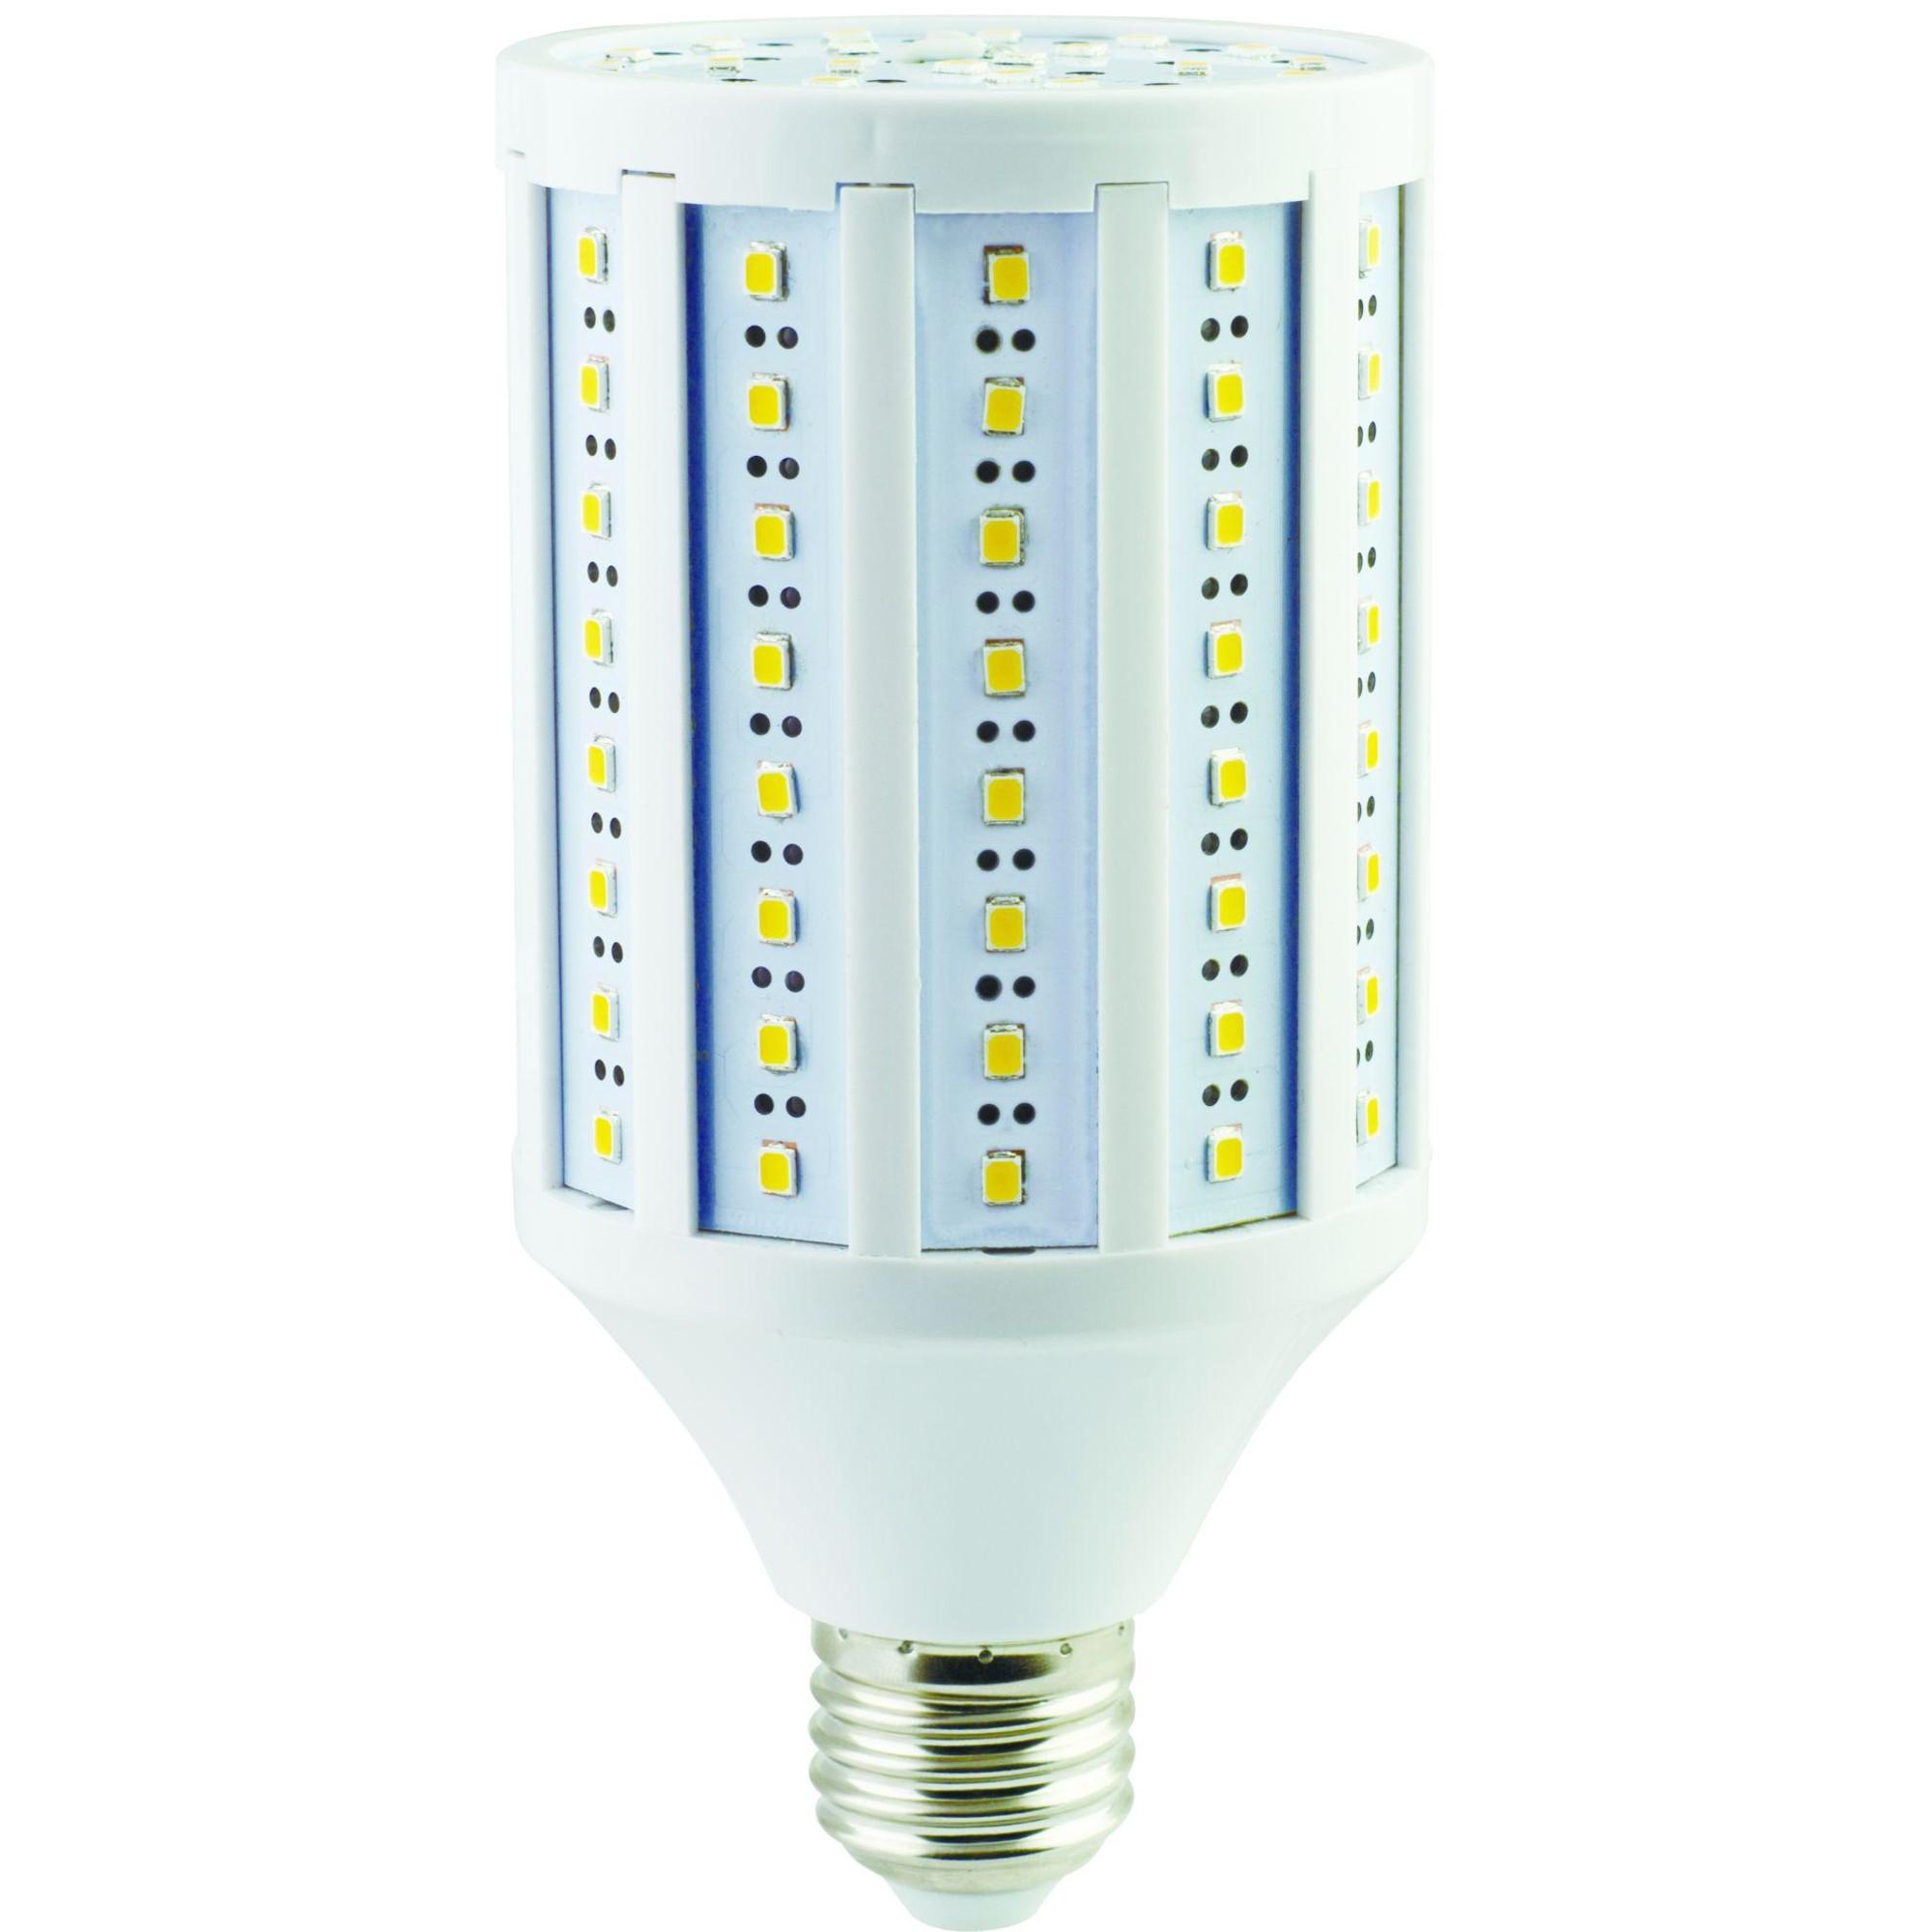 Лампа Ecola Premium светодионая E27 21 Вт кукуруза 1890 Лм теплый свет